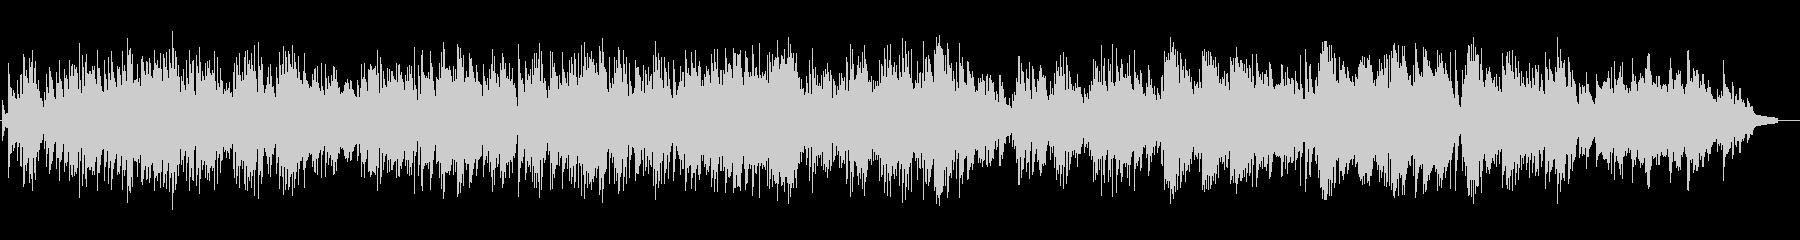 優しいピアノの未再生の波形